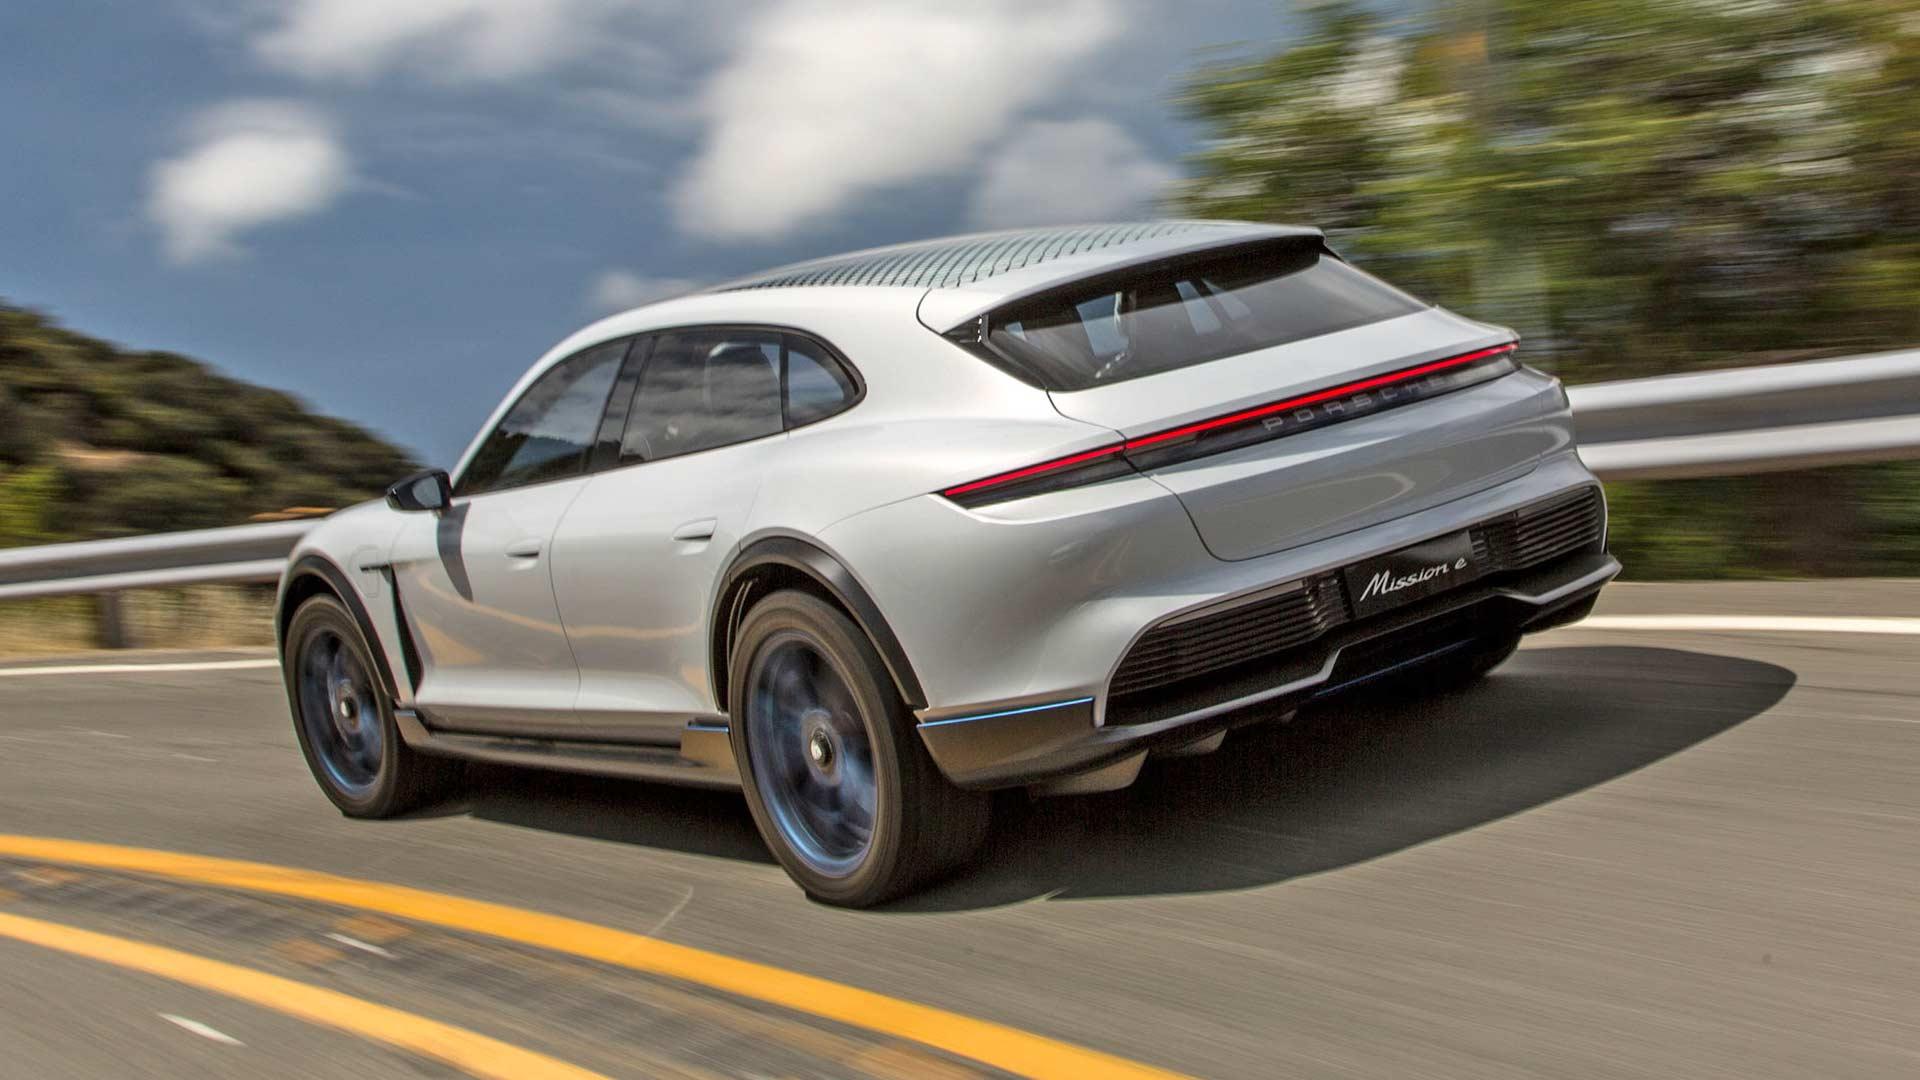 Porsche-Mission-E-Cross-Turismo-2018-California_6